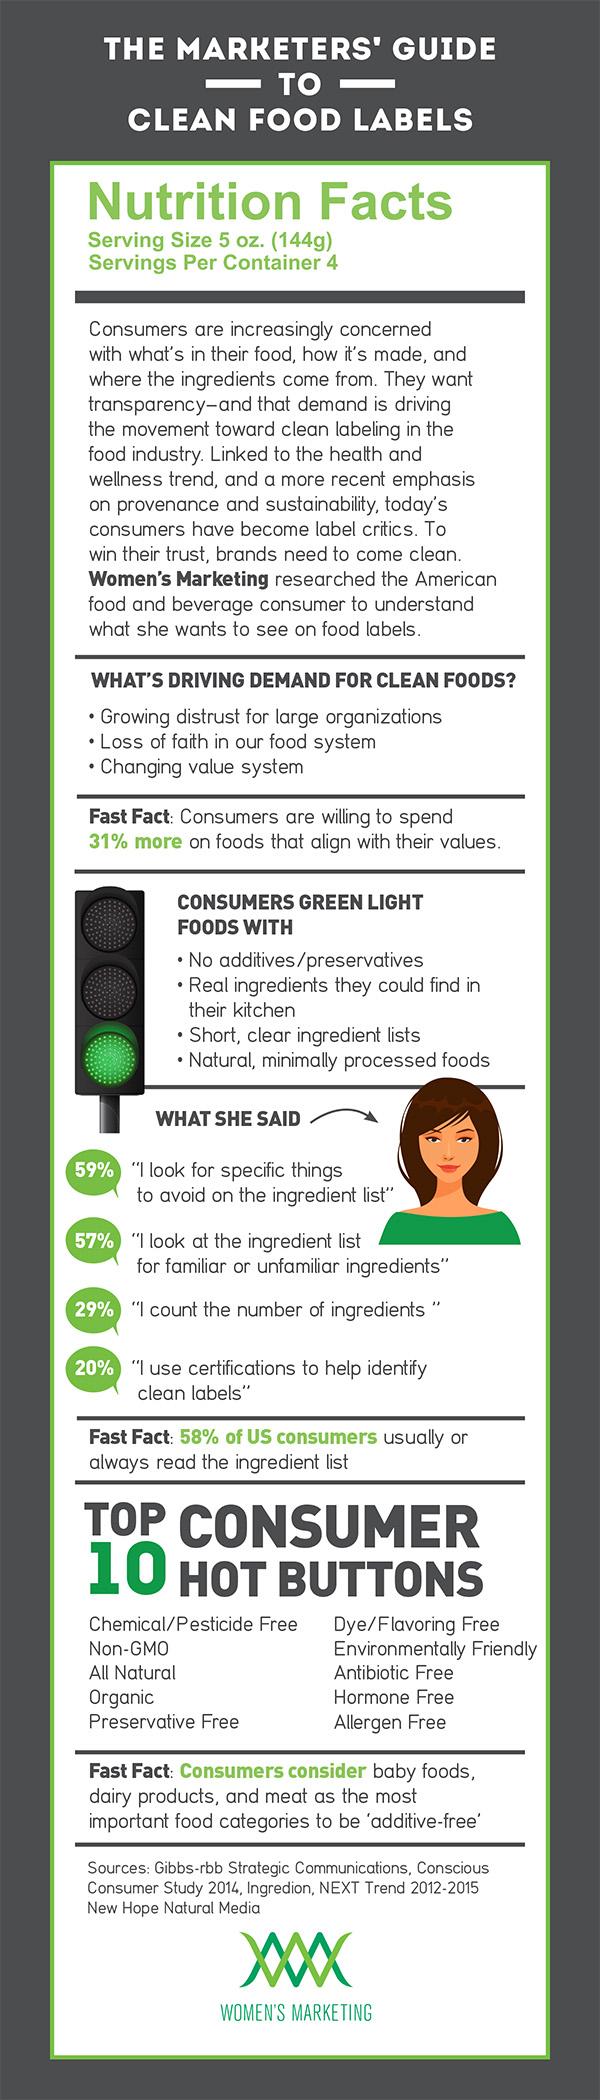 food-and-beverage-marketing-clean-food